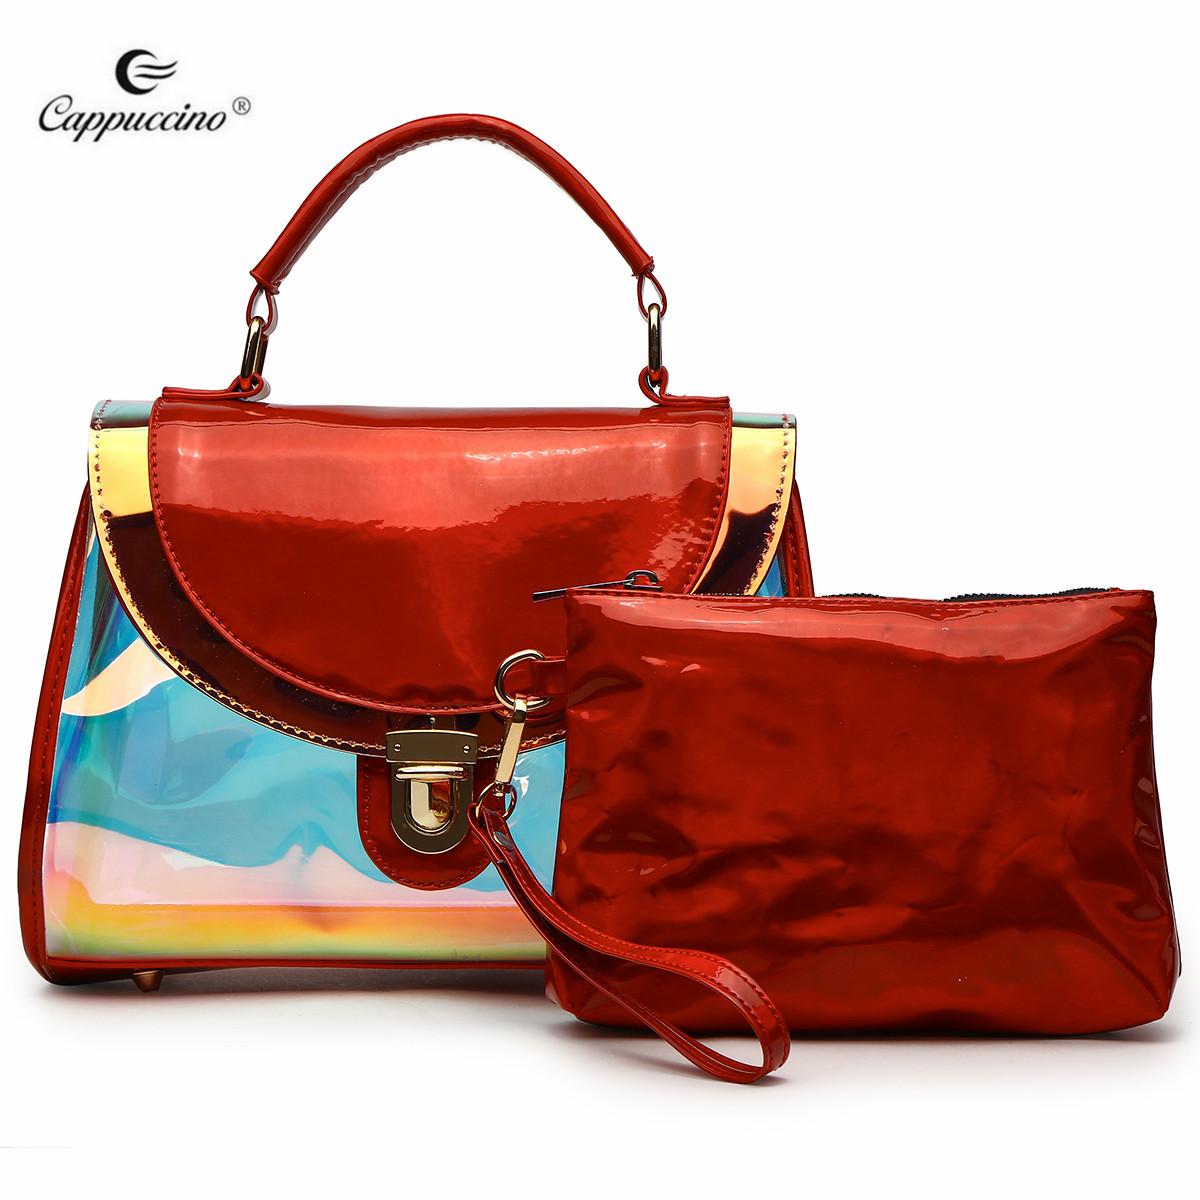 2019 Cappuccino Commercio All'ingrosso Di Marca Ologramma Shoulder Bag Tote Faux Borsa In Pelle 2 in 1 Satchel Bag Buy 2 in 1 Borsa Borsa,Sacchetto